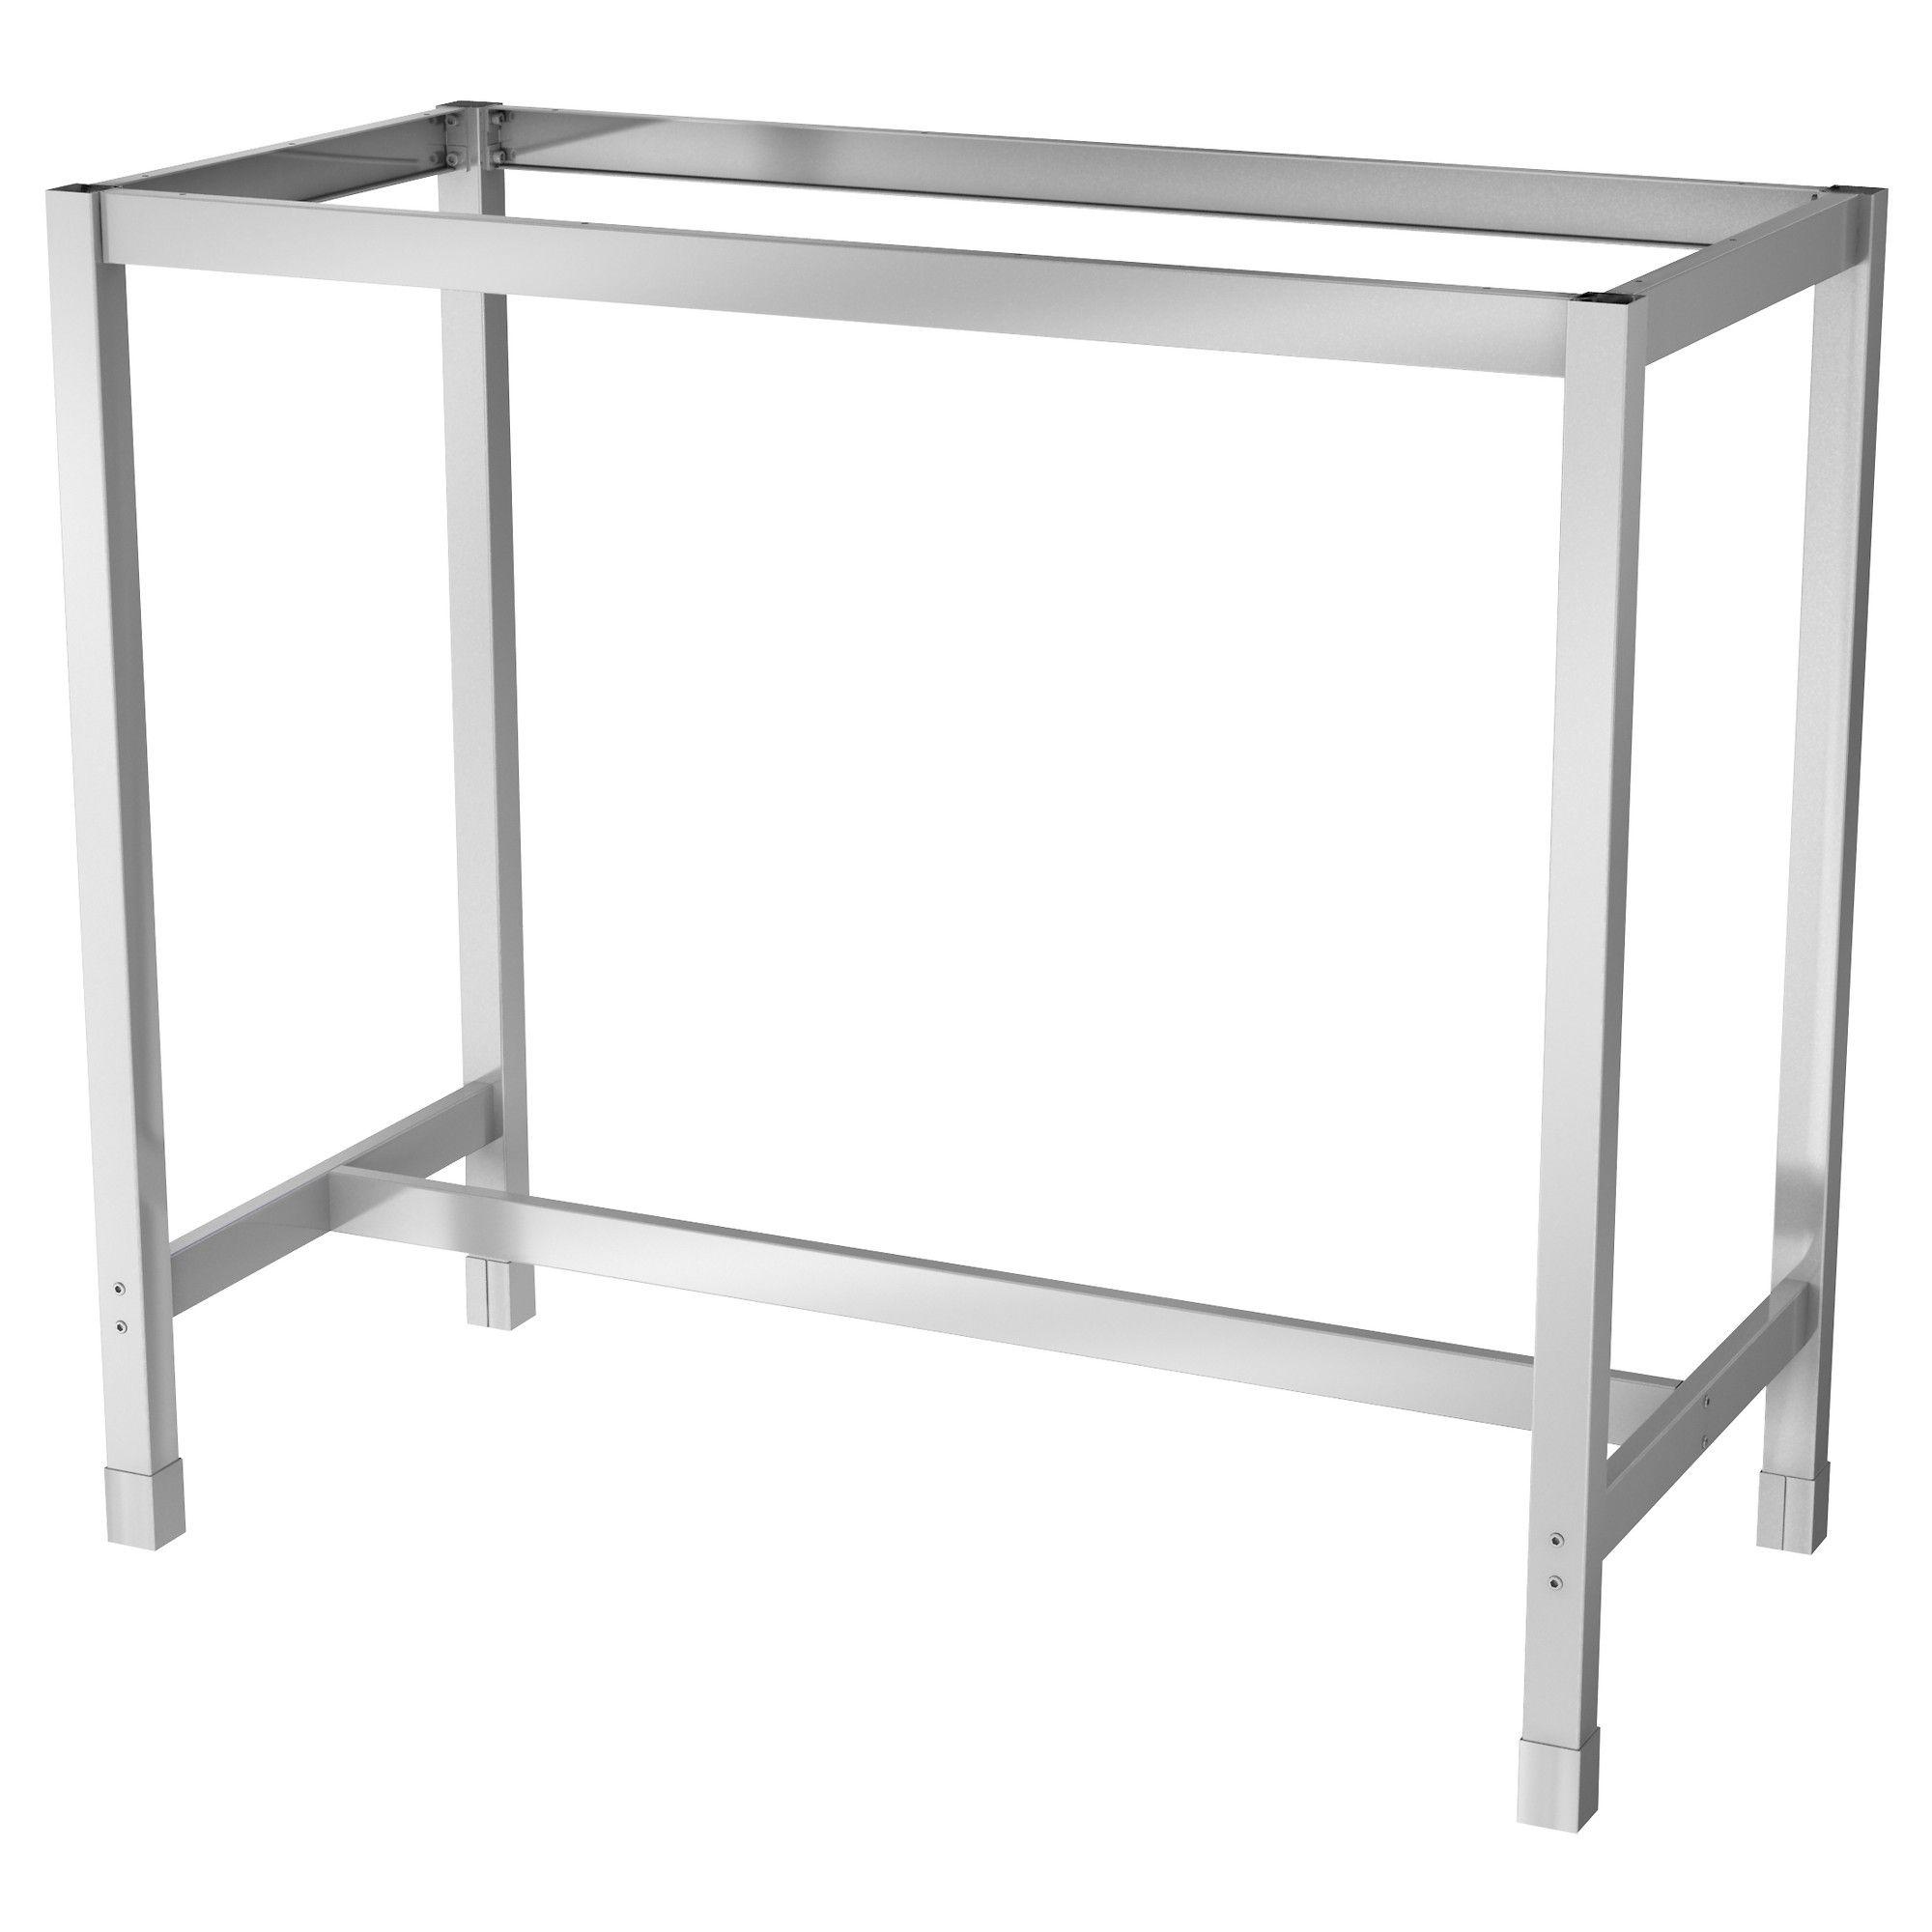 Full Size of Ikea Sofa Mit Schlaffunktion Betten Bei Küche Kosten Kaufen 160x200 Bartisch Modulküche Miniküche Wohnzimmer Ikea Bartisch